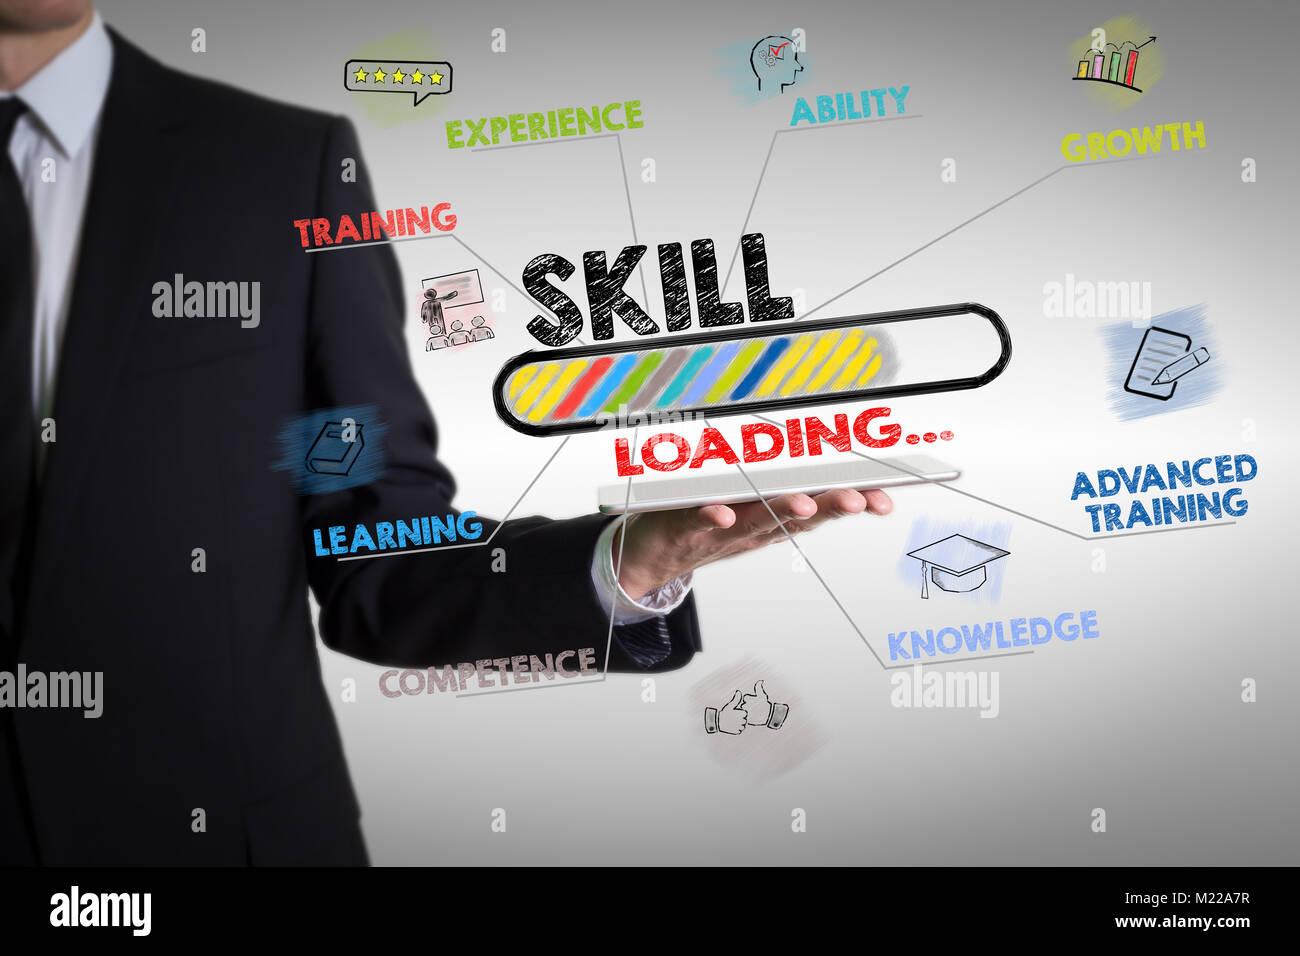 Concept de compétences avec young man holding a tablet computer Photo Stock